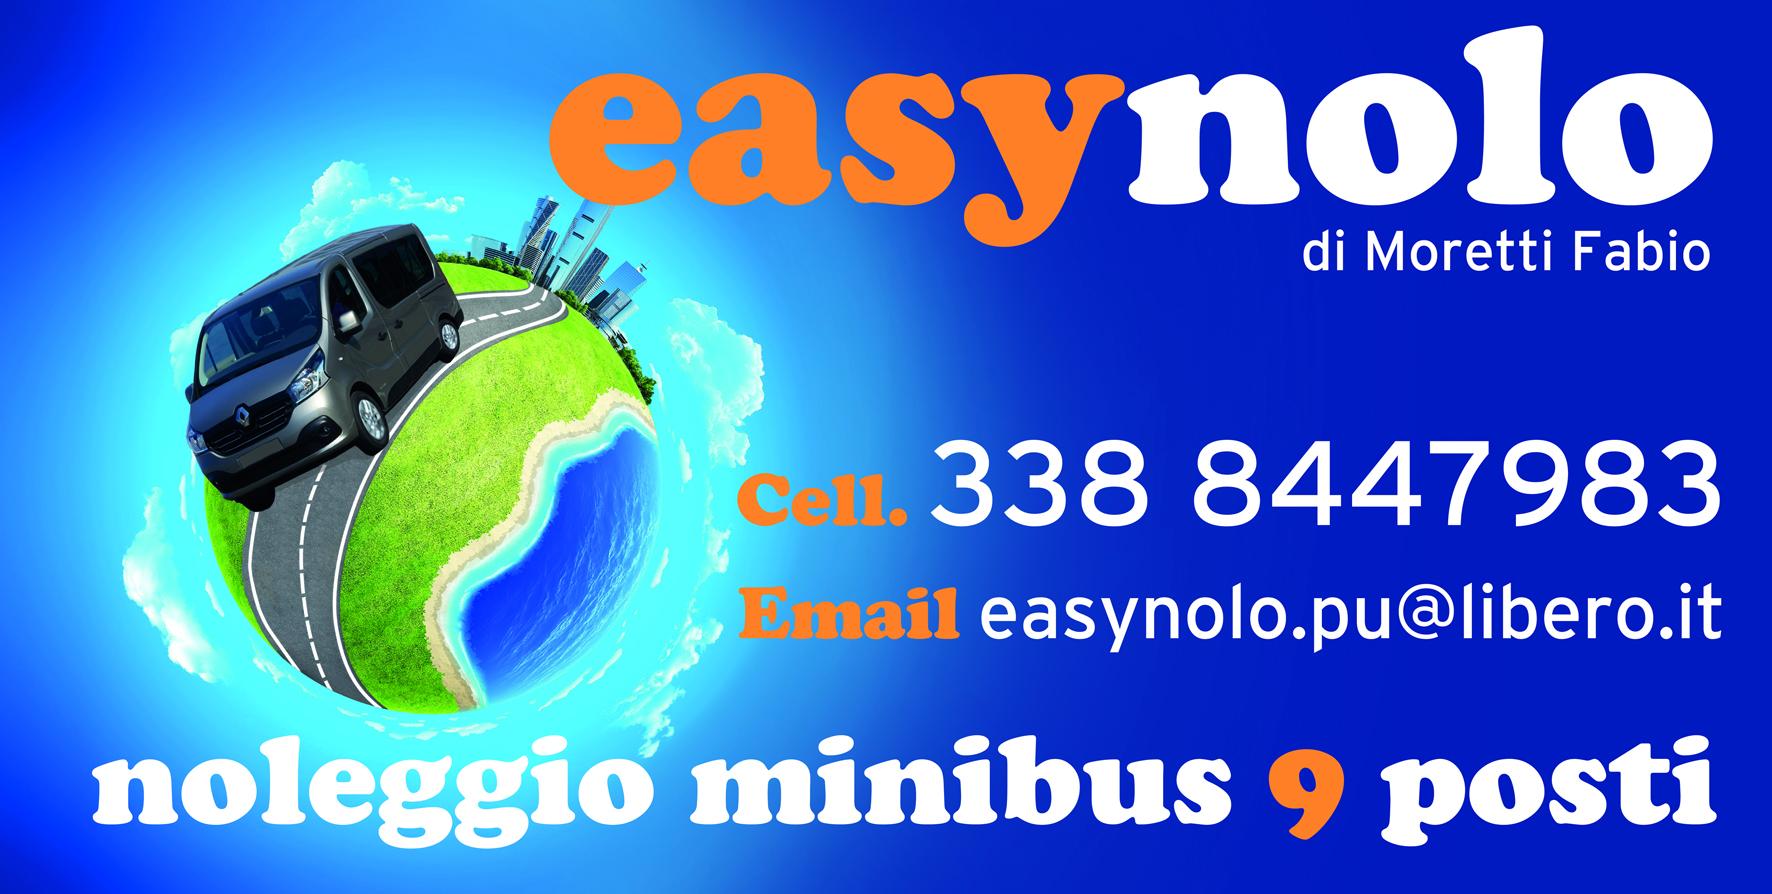 easynolo